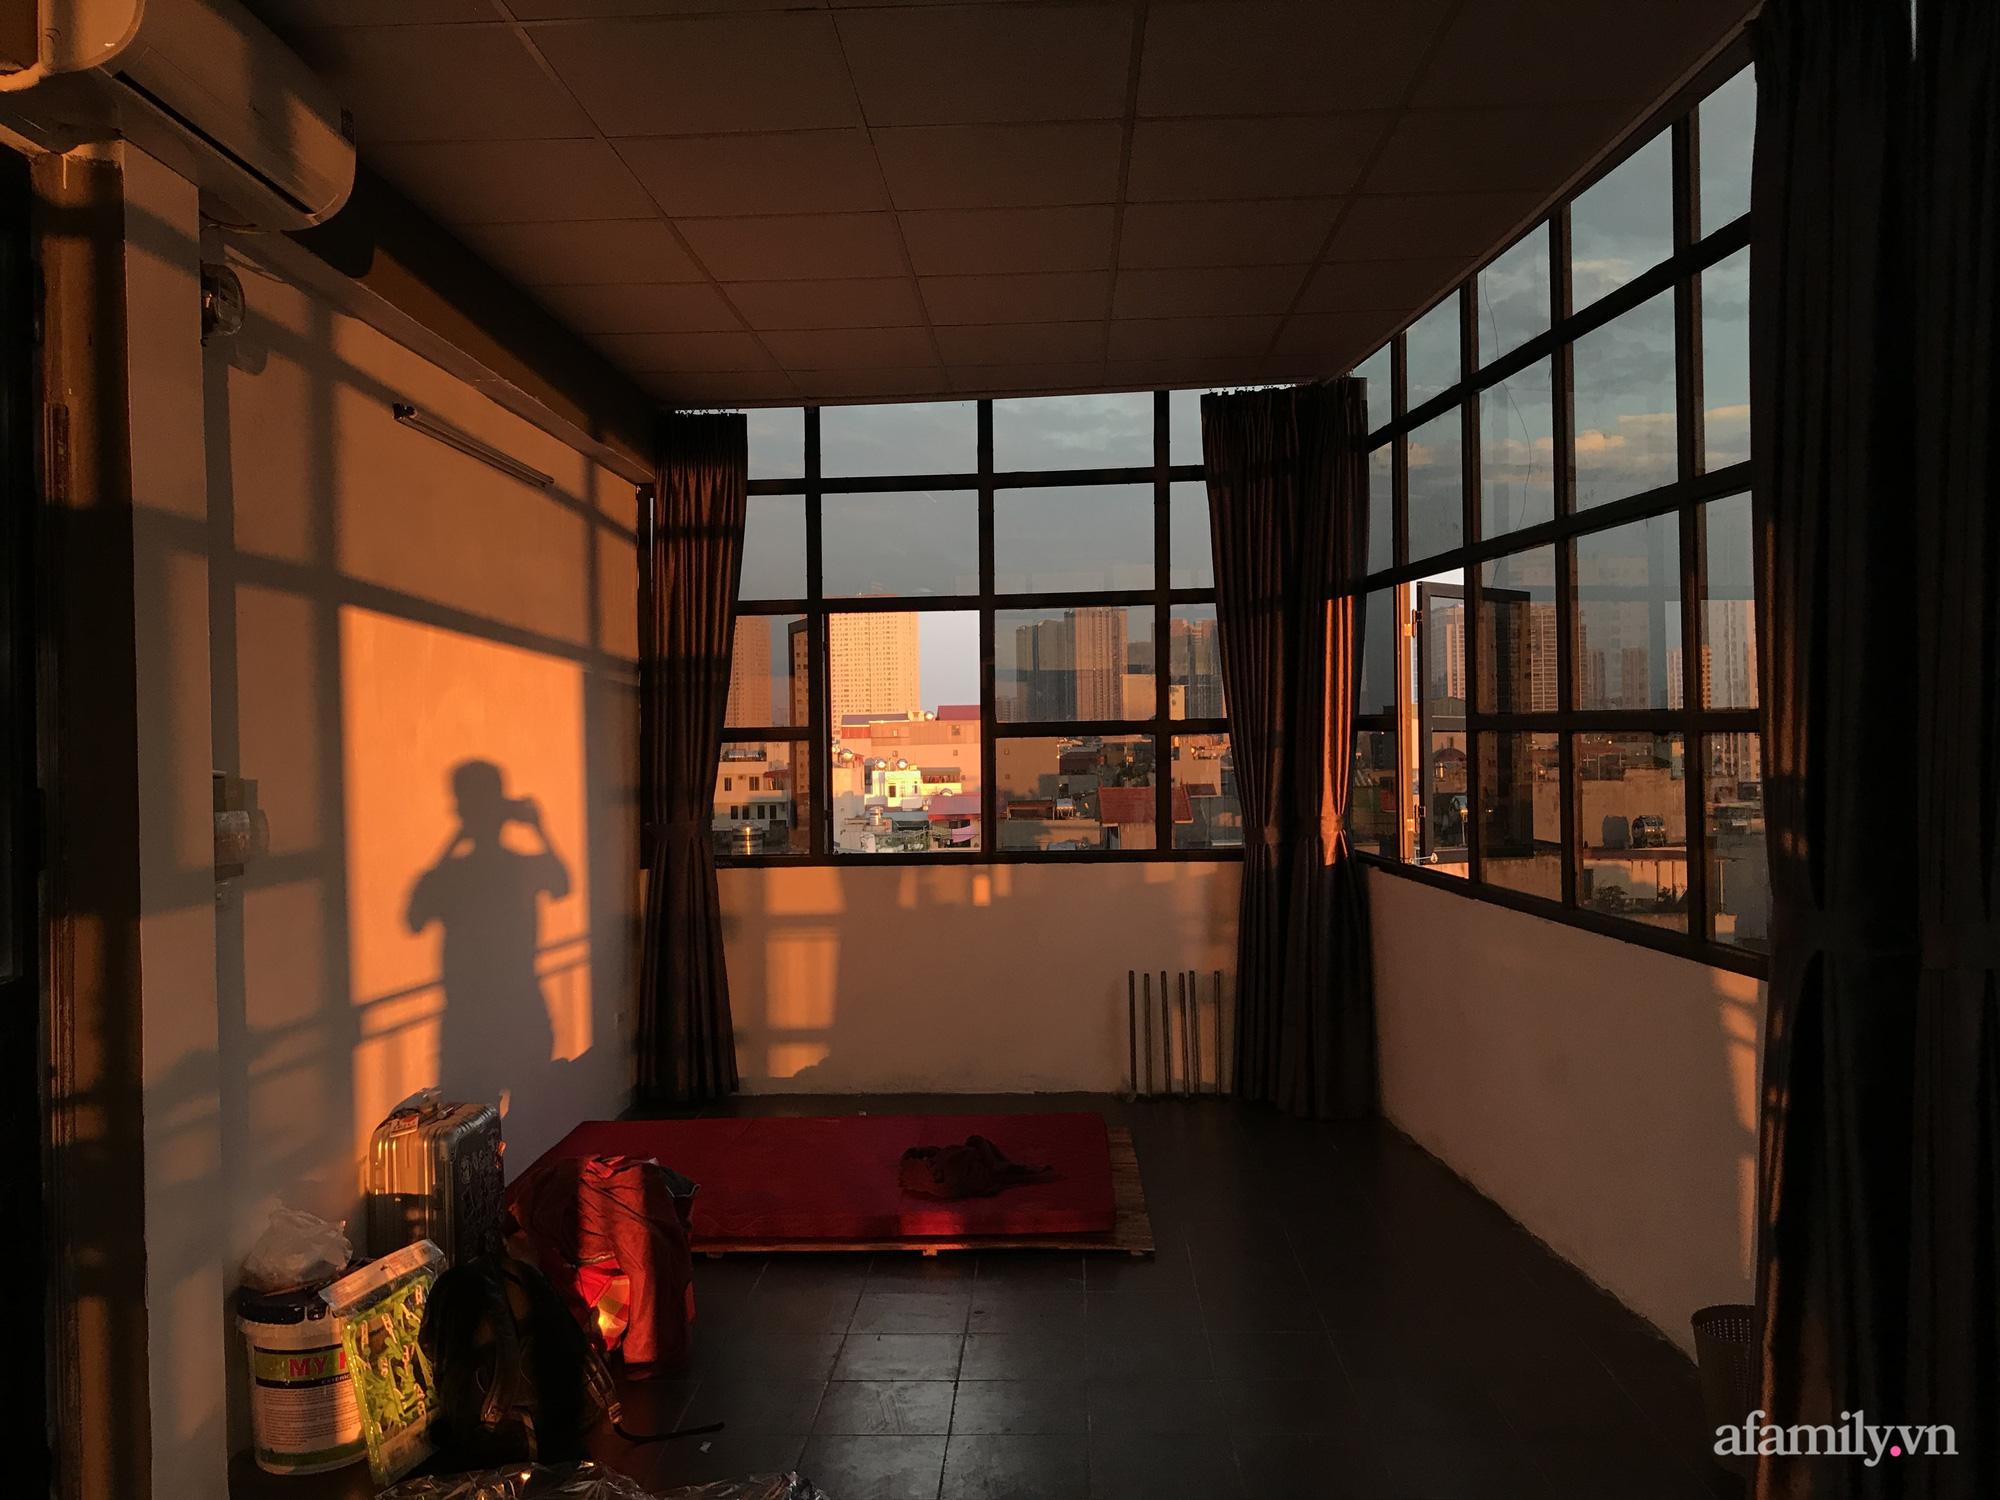 Với 5 triệu đồng để cải tạo, chàng trai Hà Nội có ngay phòng ốc siêu xịn sò như studio tạp chí - Ảnh 2.